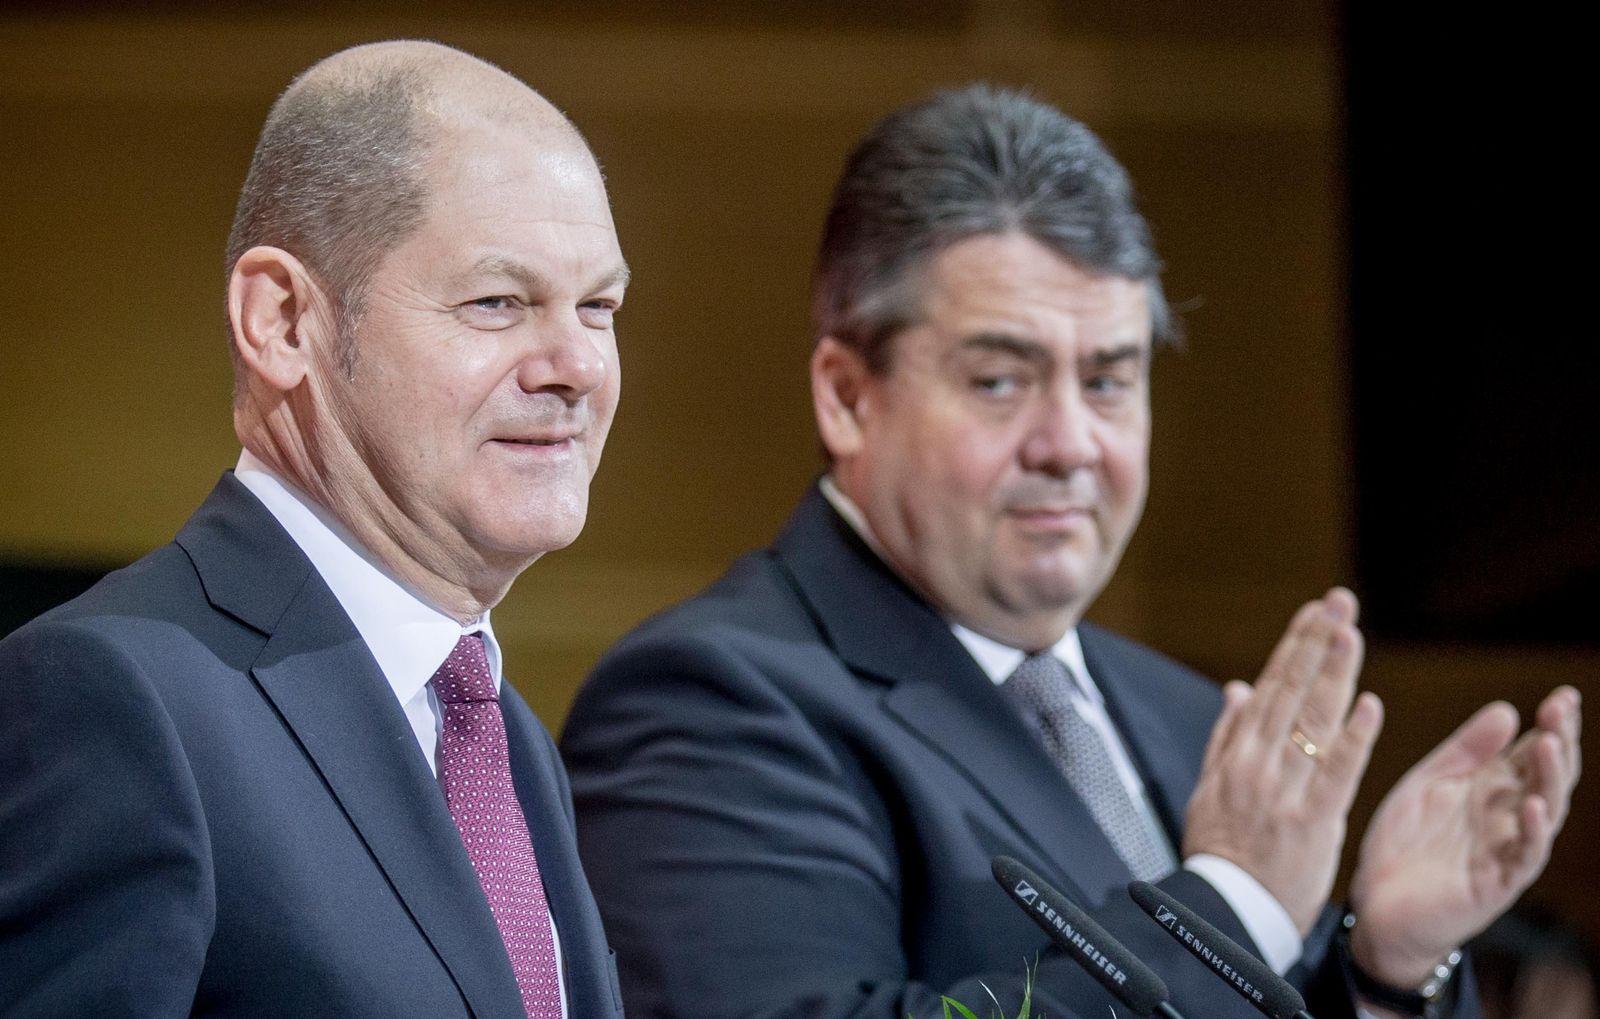 Olaf Scholz / Sigmar Gabriel/ SPD